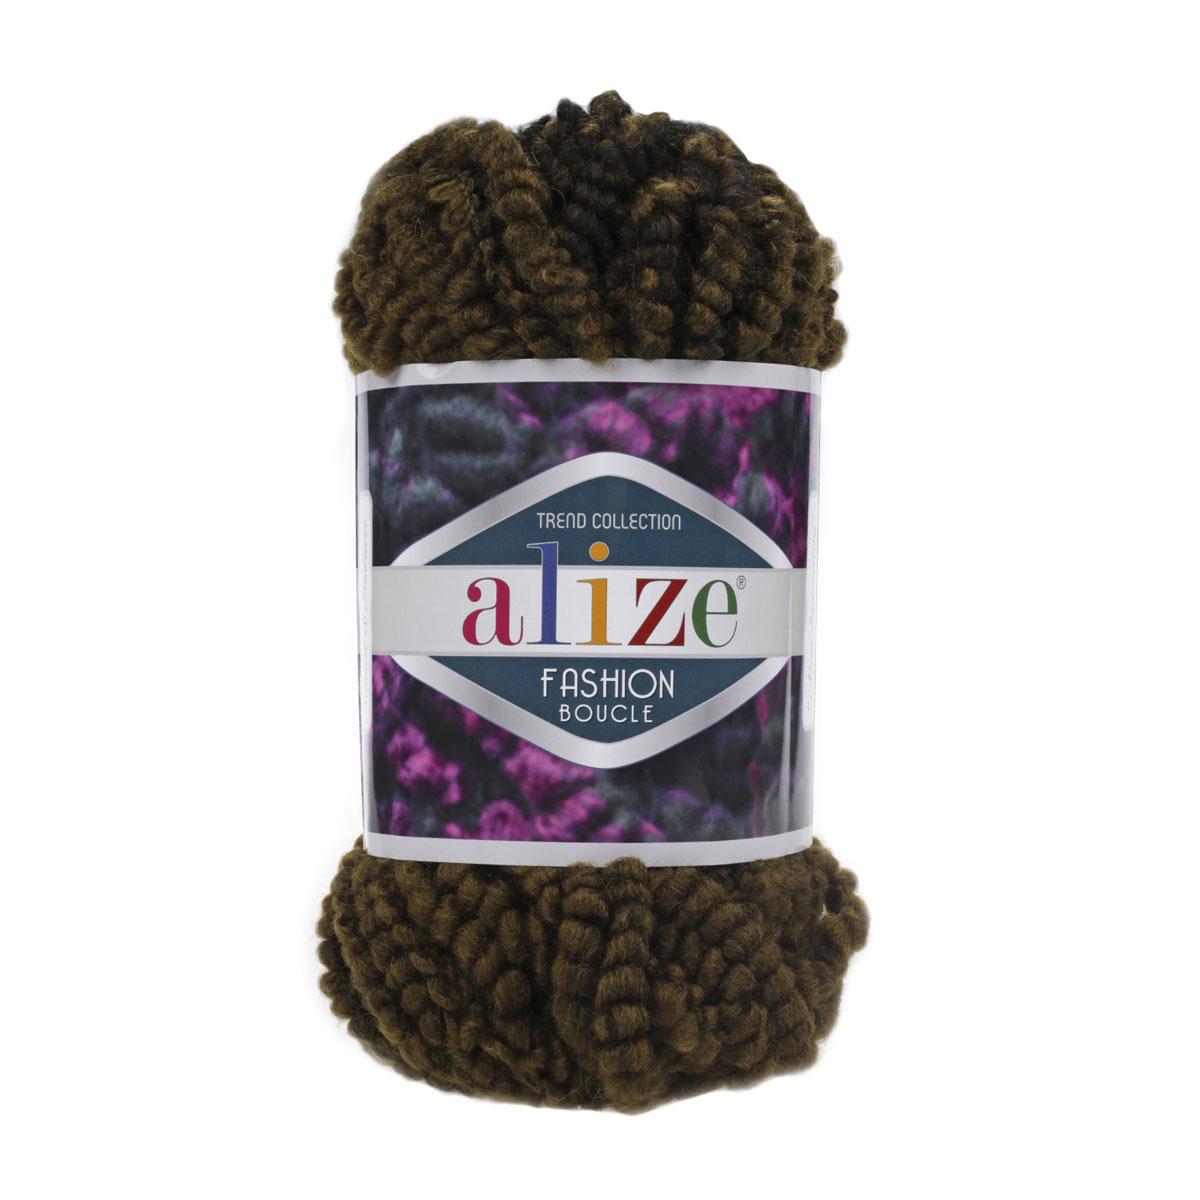 Пряжа ALIZE 'Fashion boucle' 100гр., 35м. (70%акрил, 25% шерсть, 5% полиамид) ТУ (5573) фото